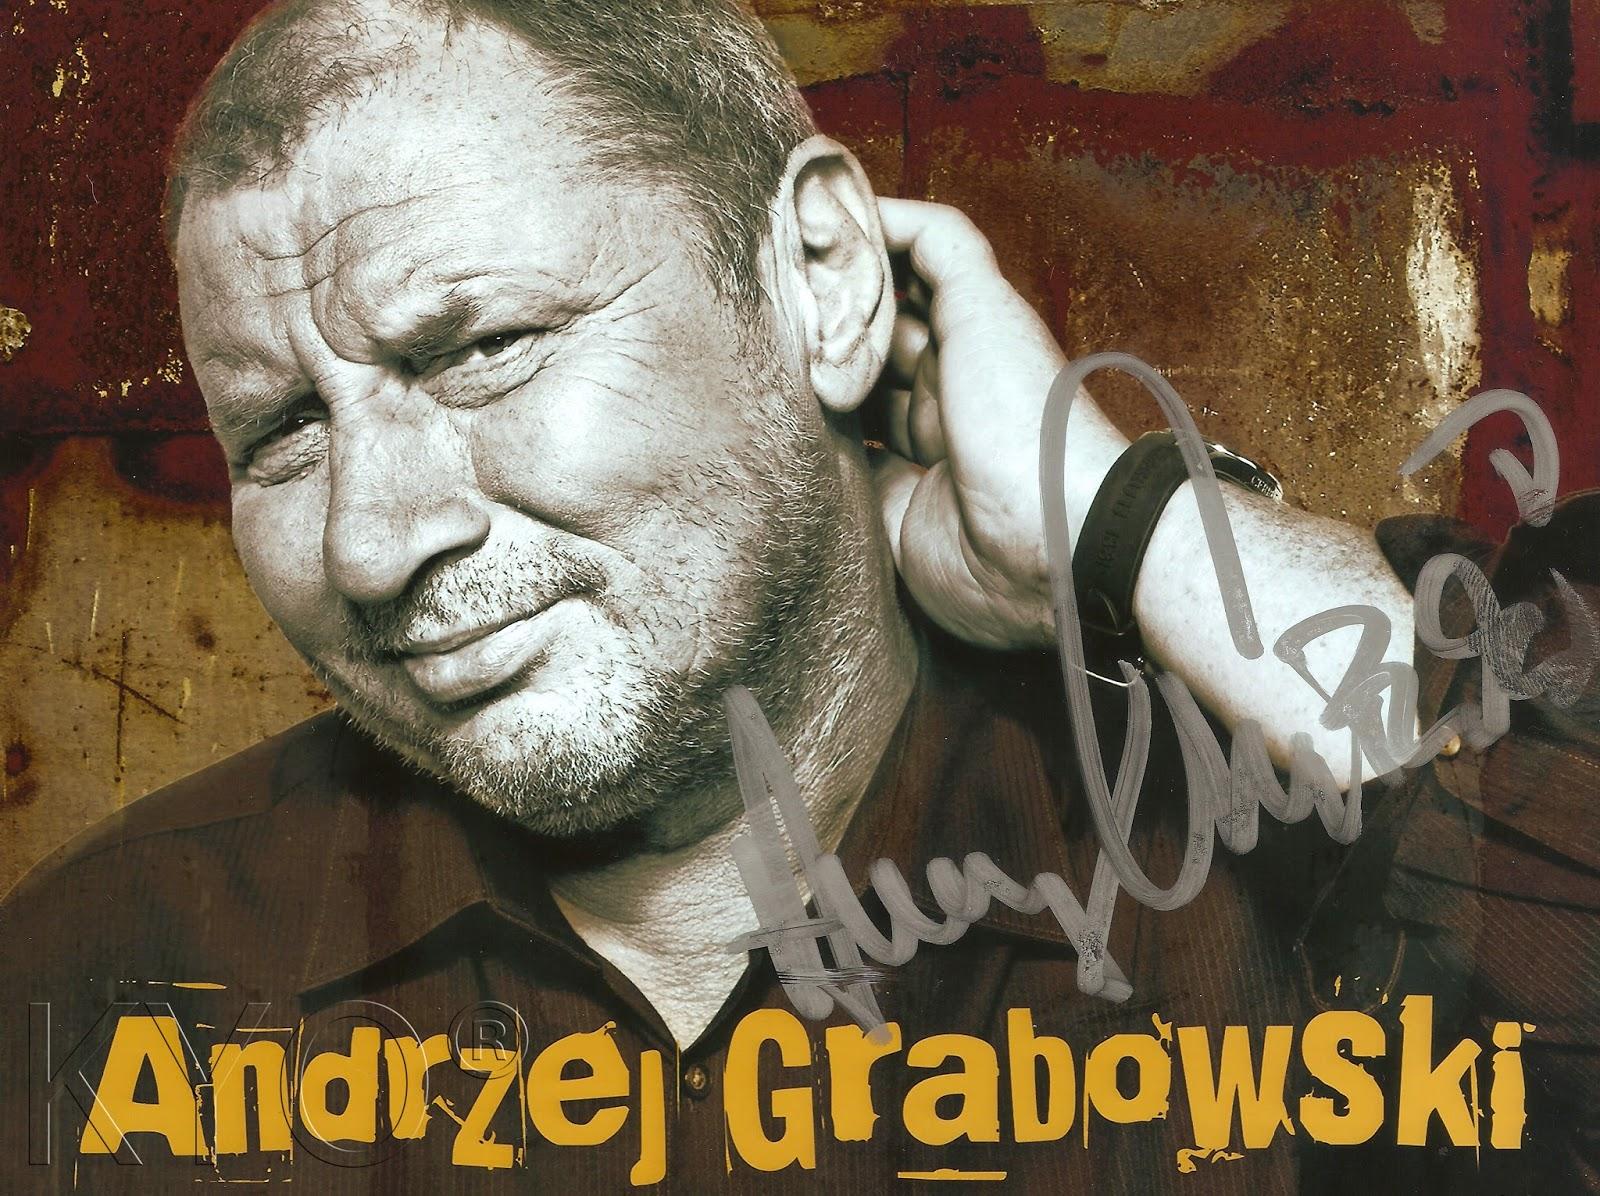 Andrzej Grabowski Twitter: Chris Autographs: Andrzej Grabowski